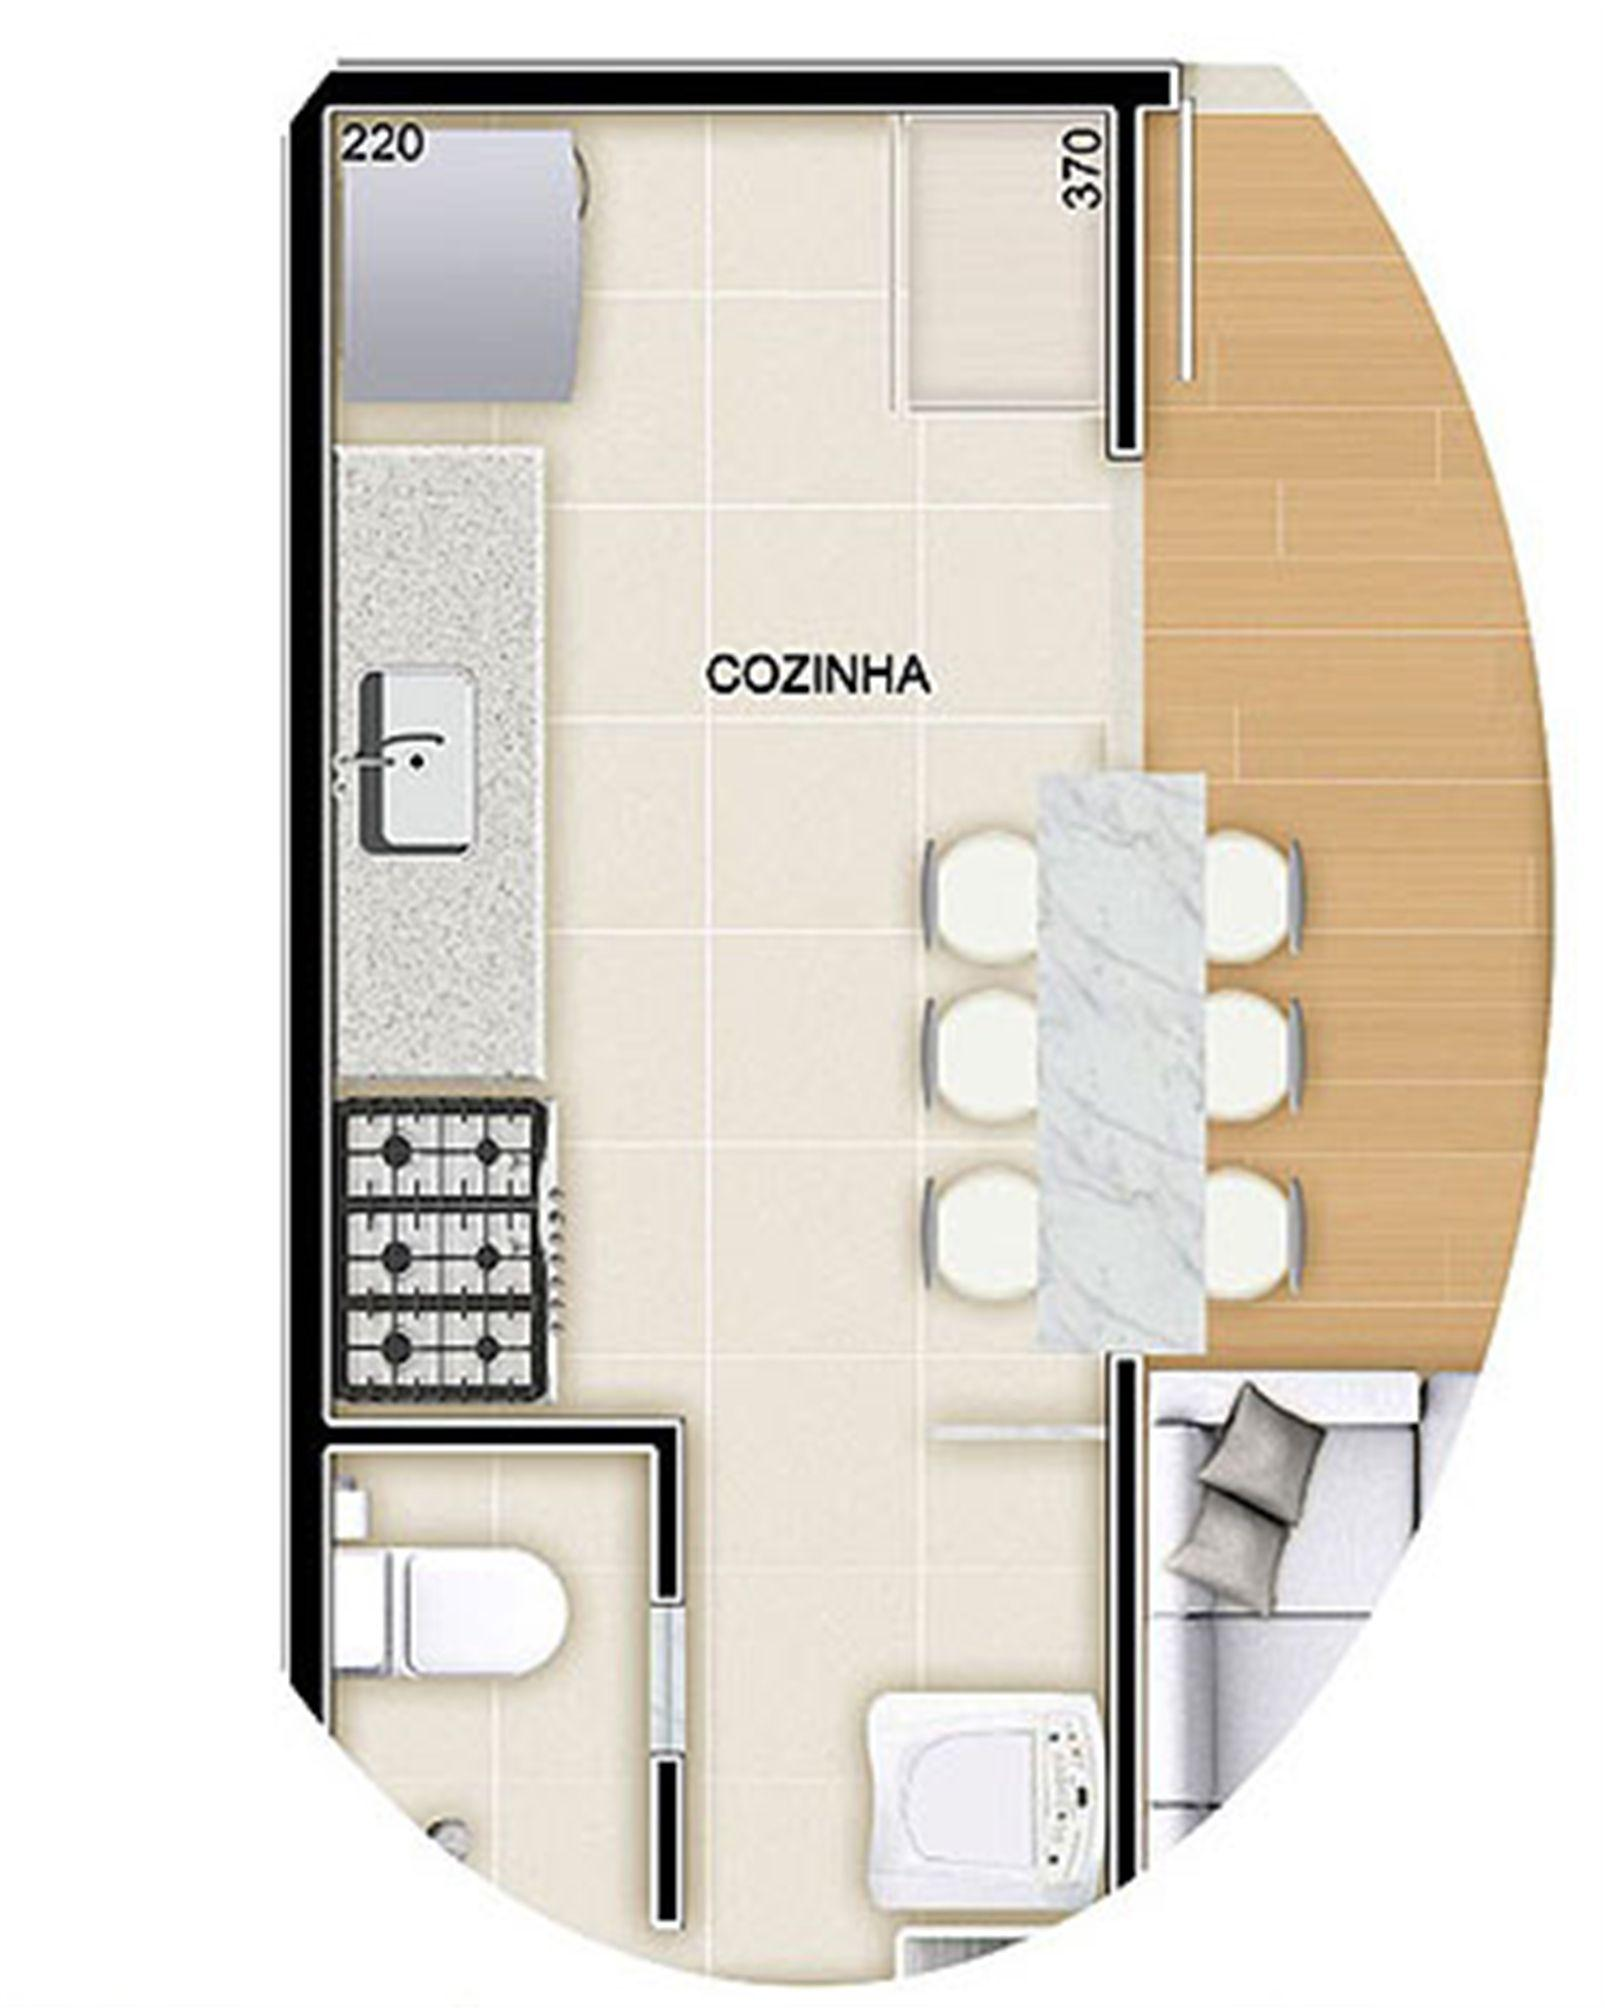 Torres 2 e 3 - 3 Quartos - 90 m² - Planta opção - Cozinha Americana   Reserva Verde Residencial Park – Apartamentoem  Laranjeiras - Serra - Espírito Santo